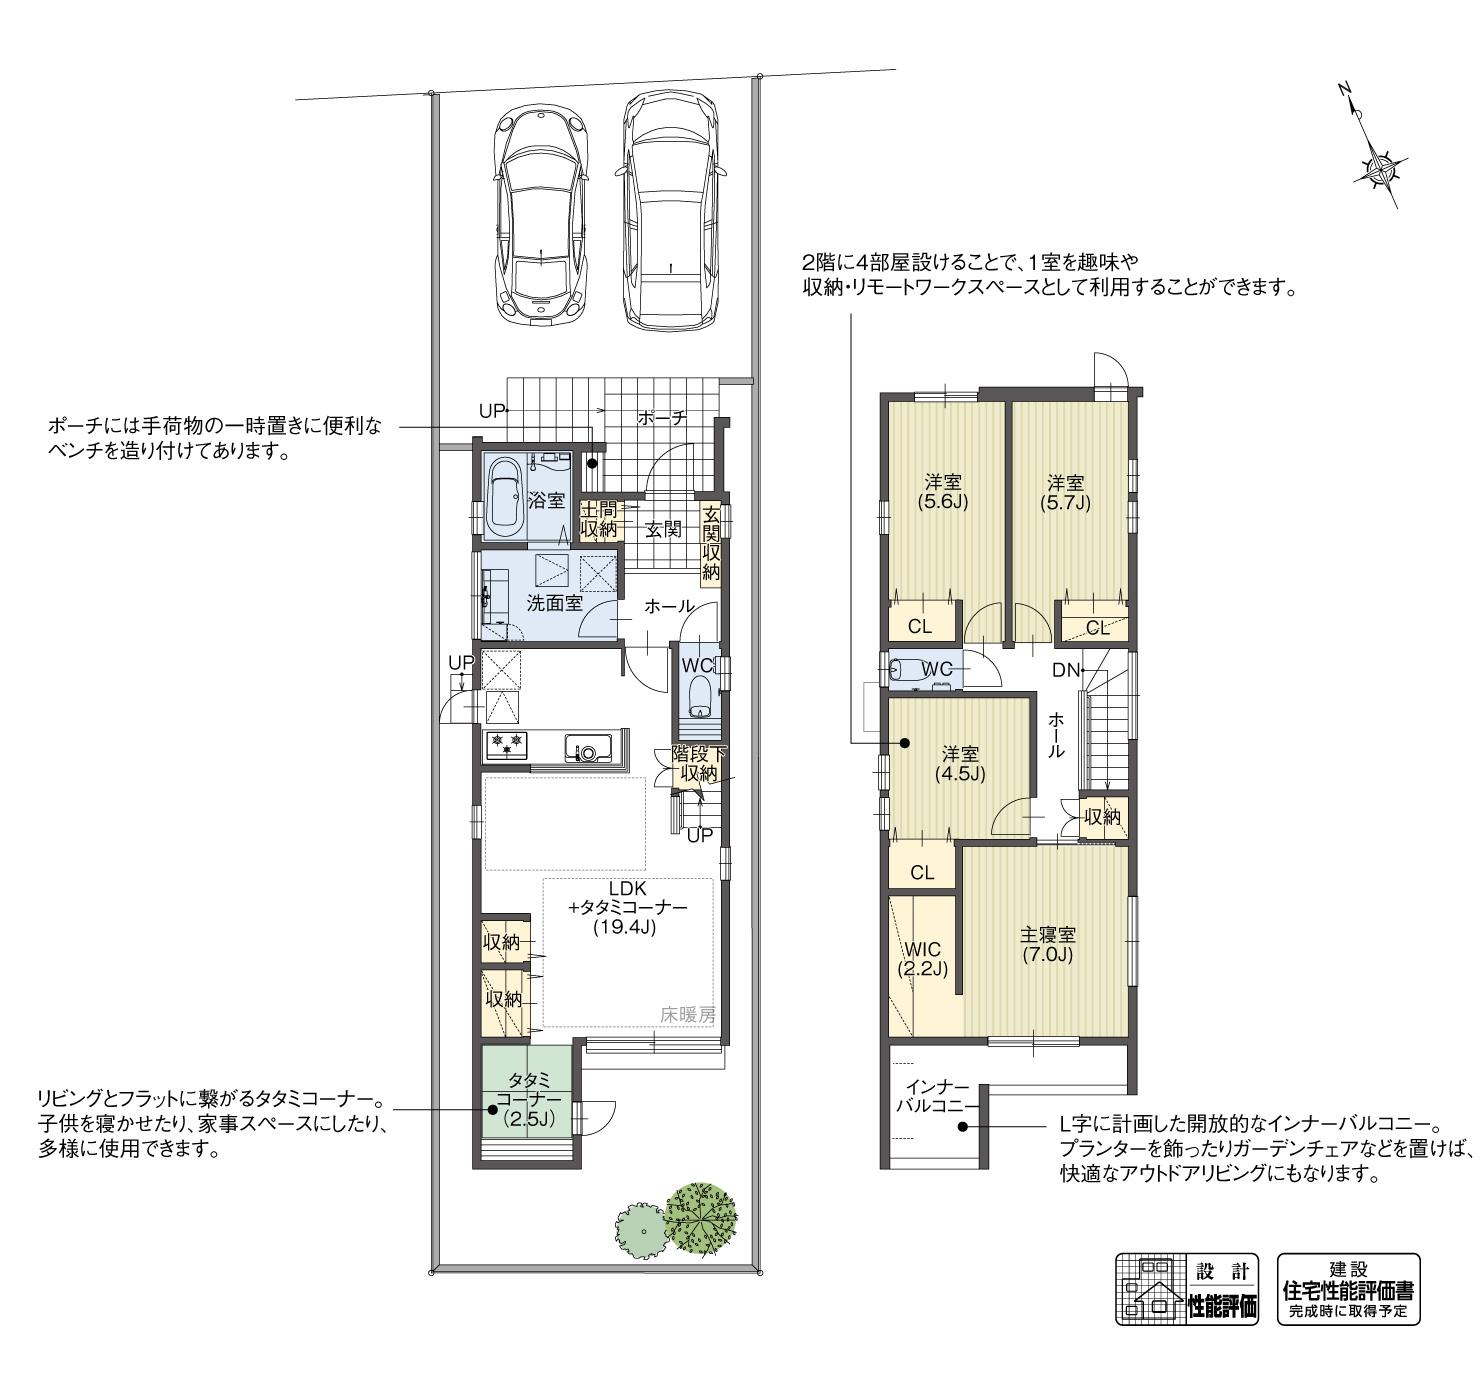 間取図_plan1_天白区高島